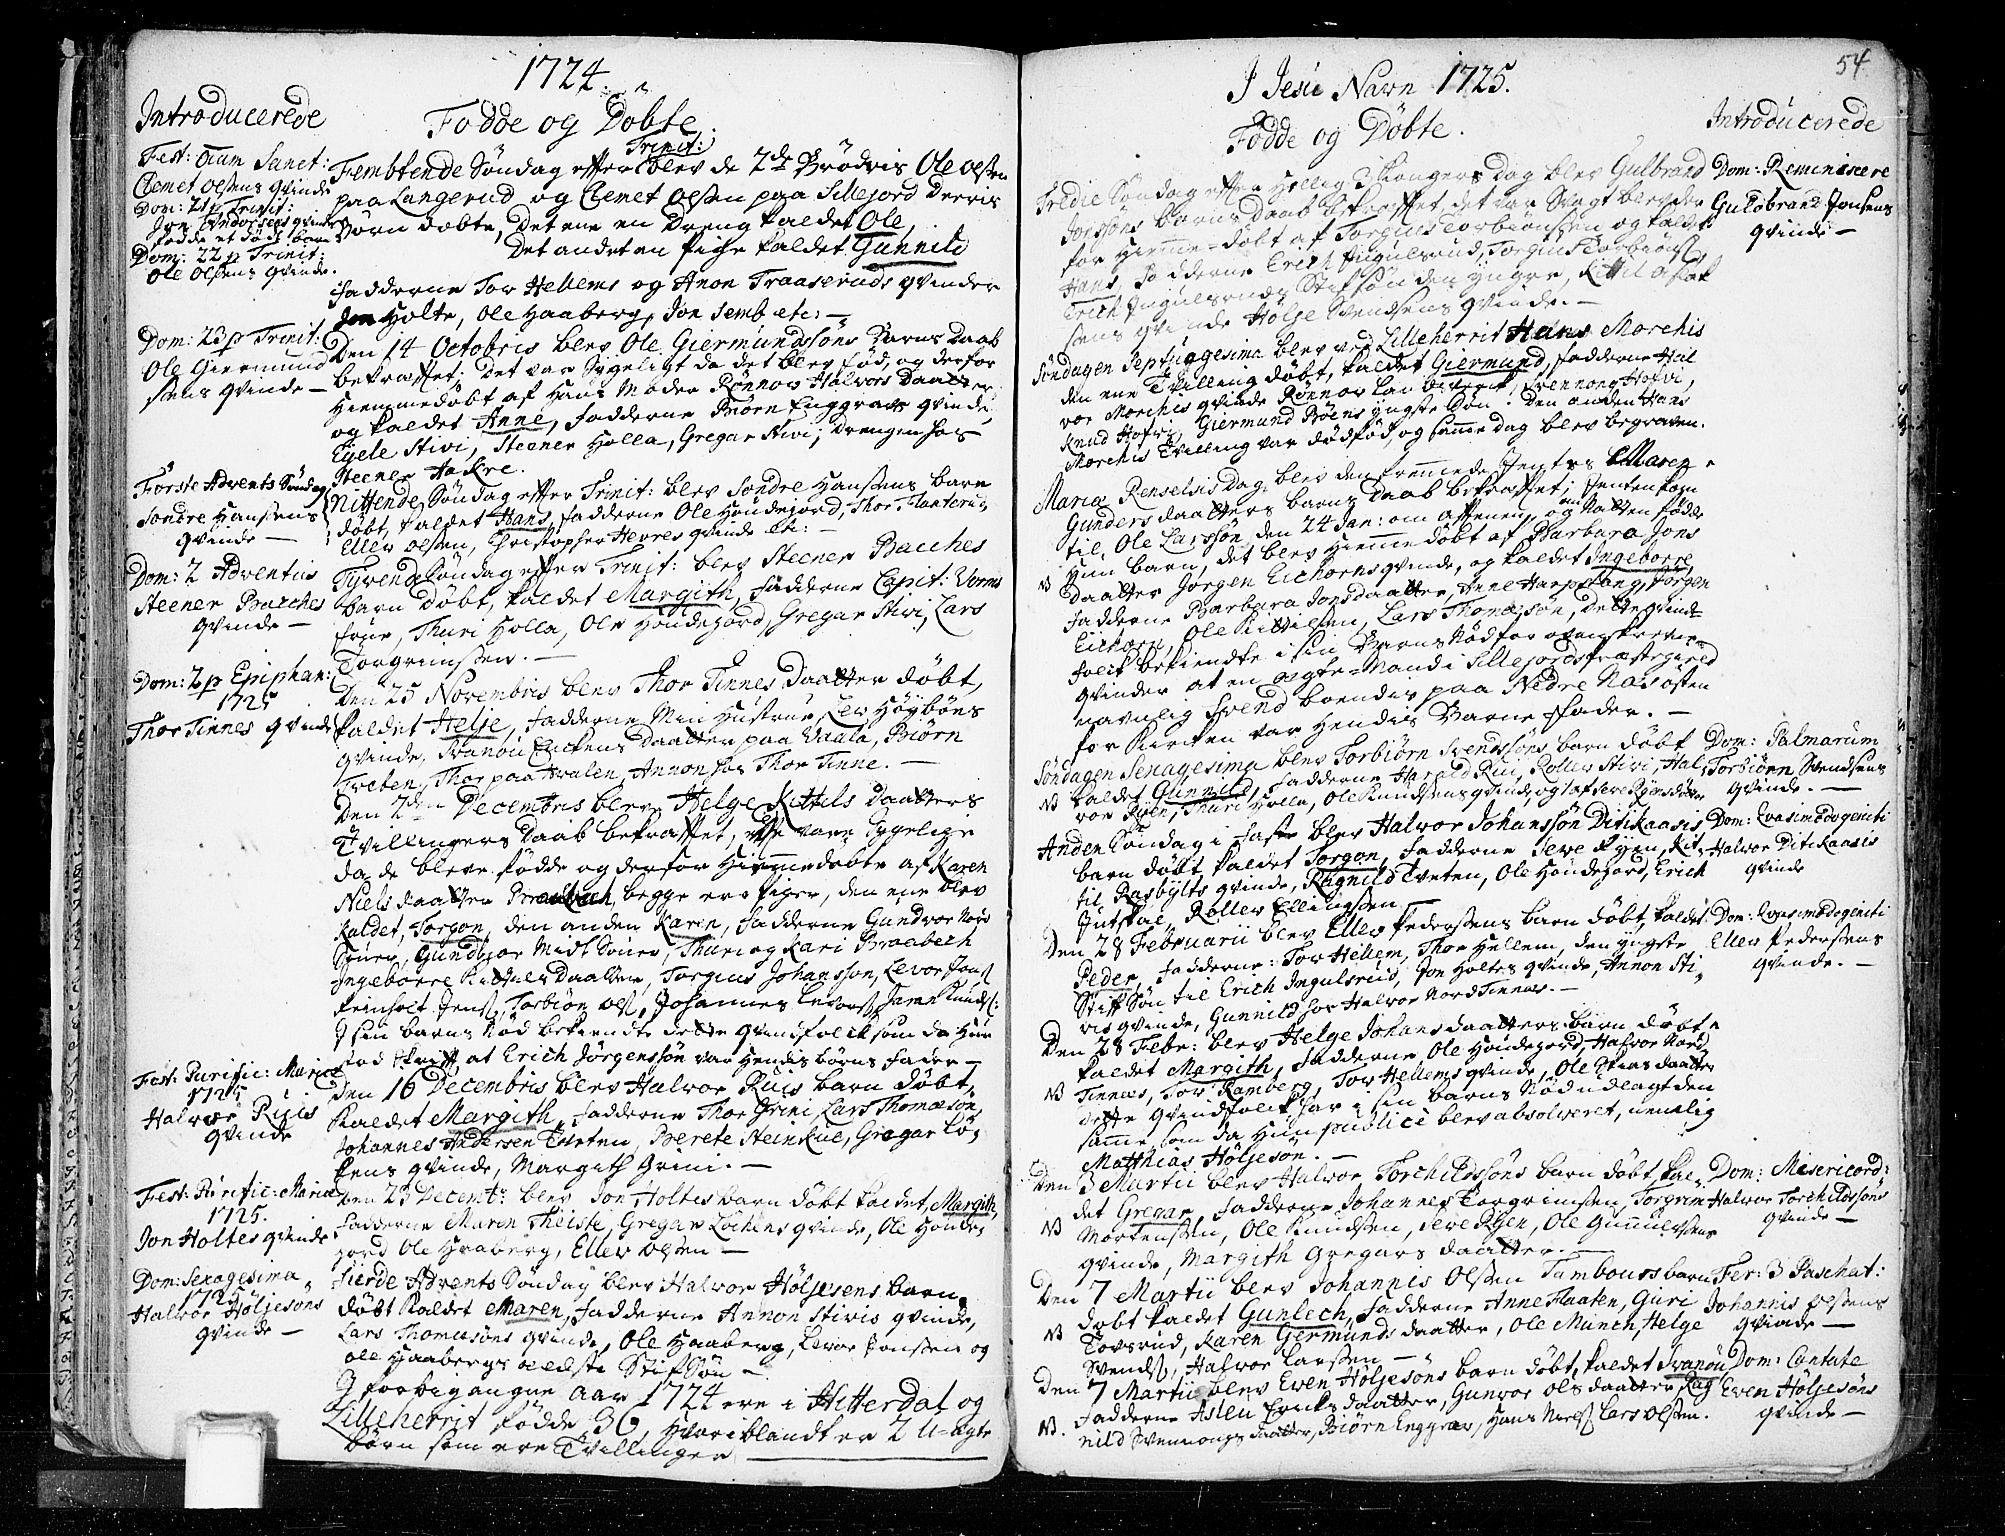 SAKO, Heddal kirkebøker, F/Fa/L0003: Ministerialbok nr. I 3, 1723-1783, s. 54